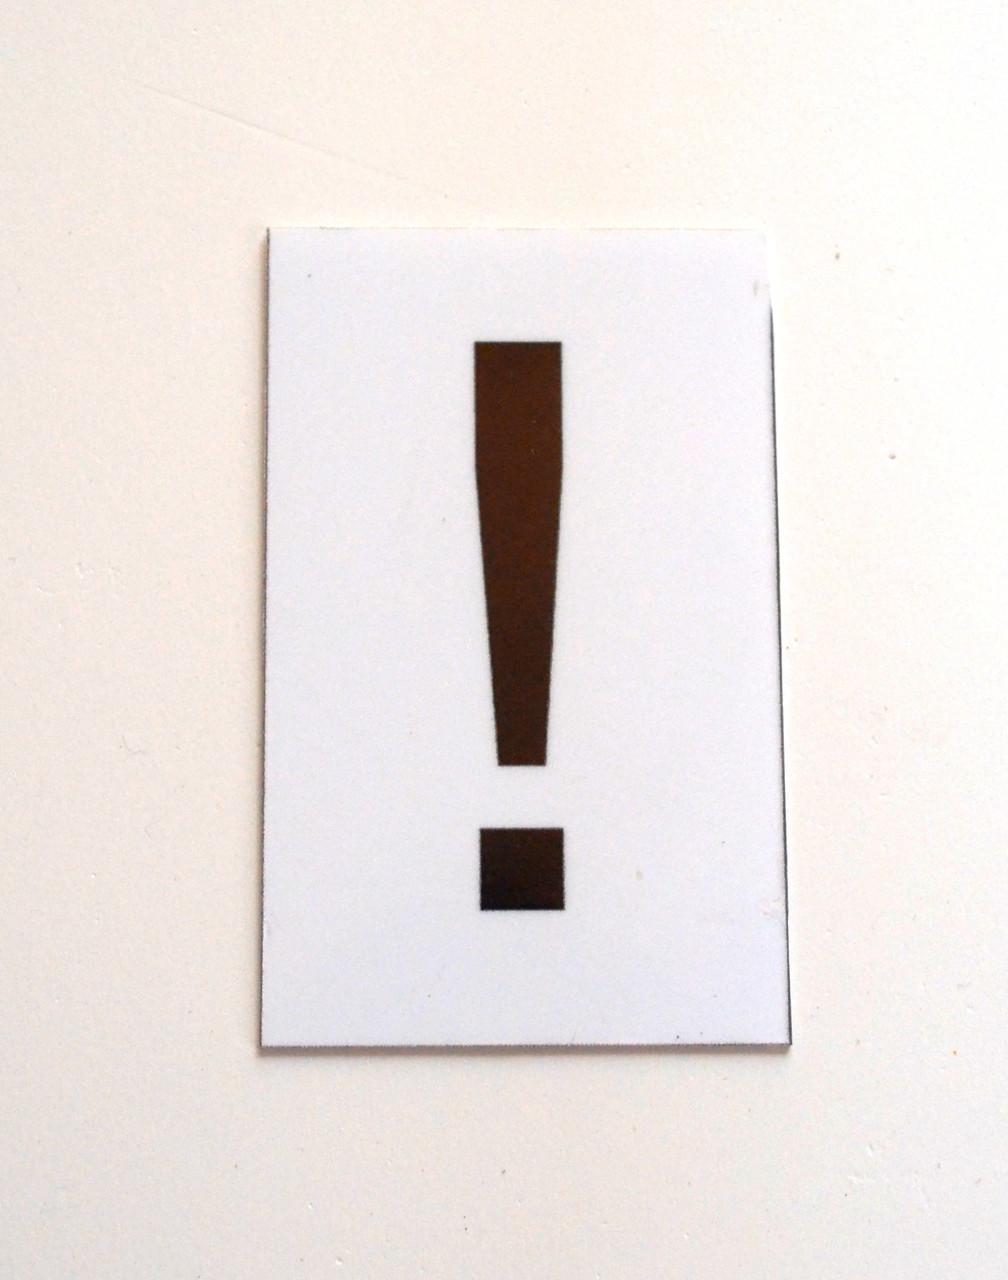 Восклицательный знак. Пластиковые карточки для наборного полотна